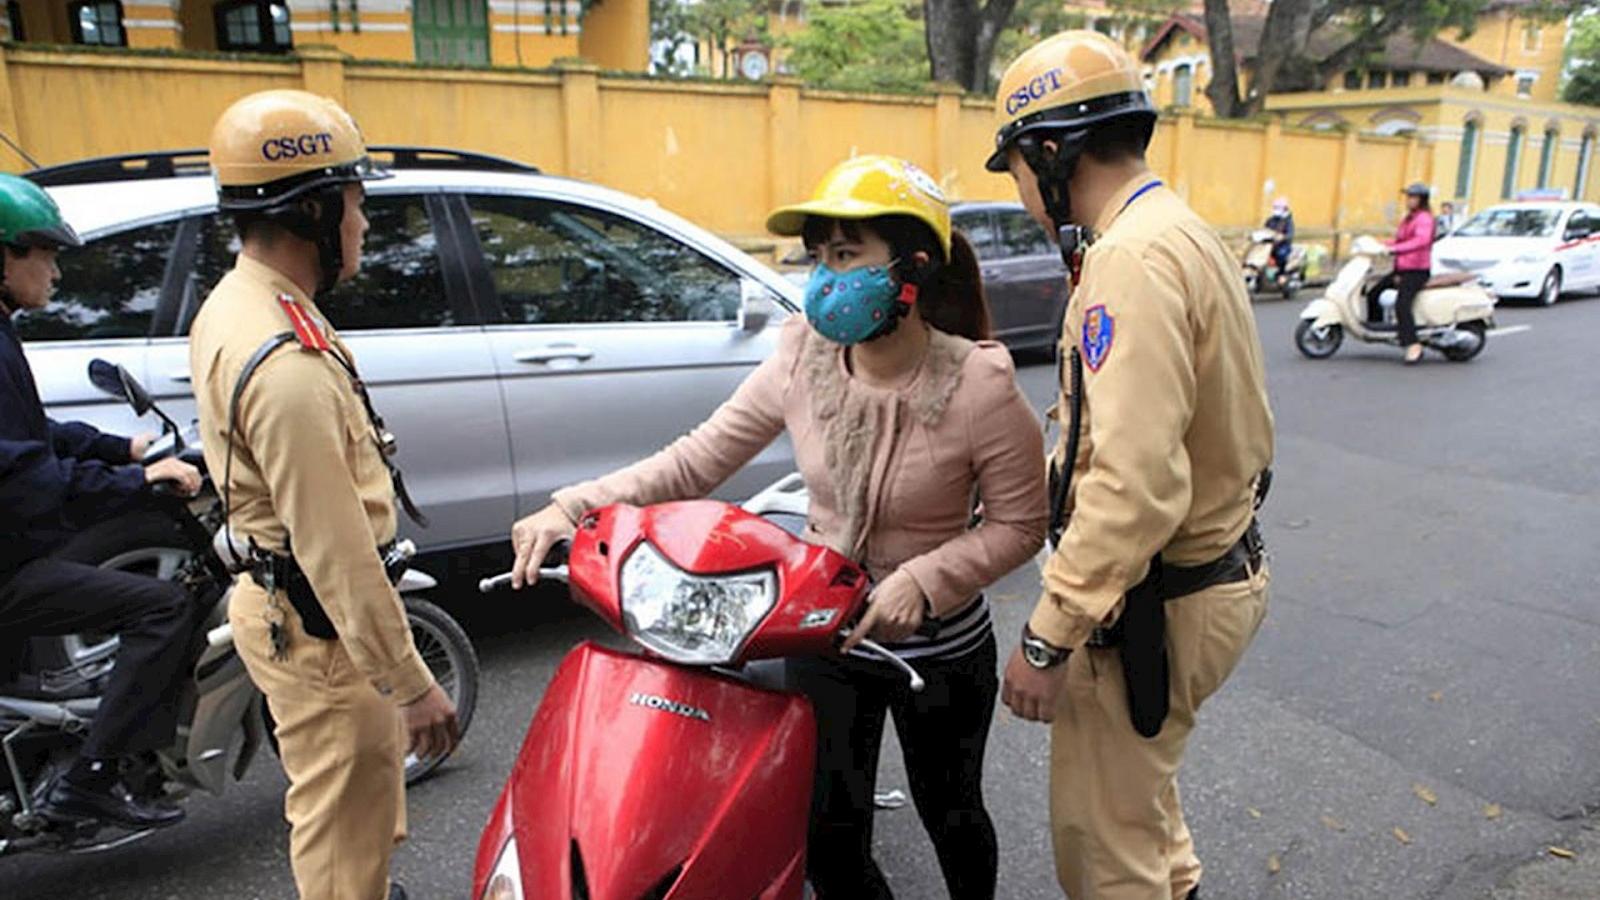 Đi xe không có gương chiếu hậu bị phạt như thế nào?